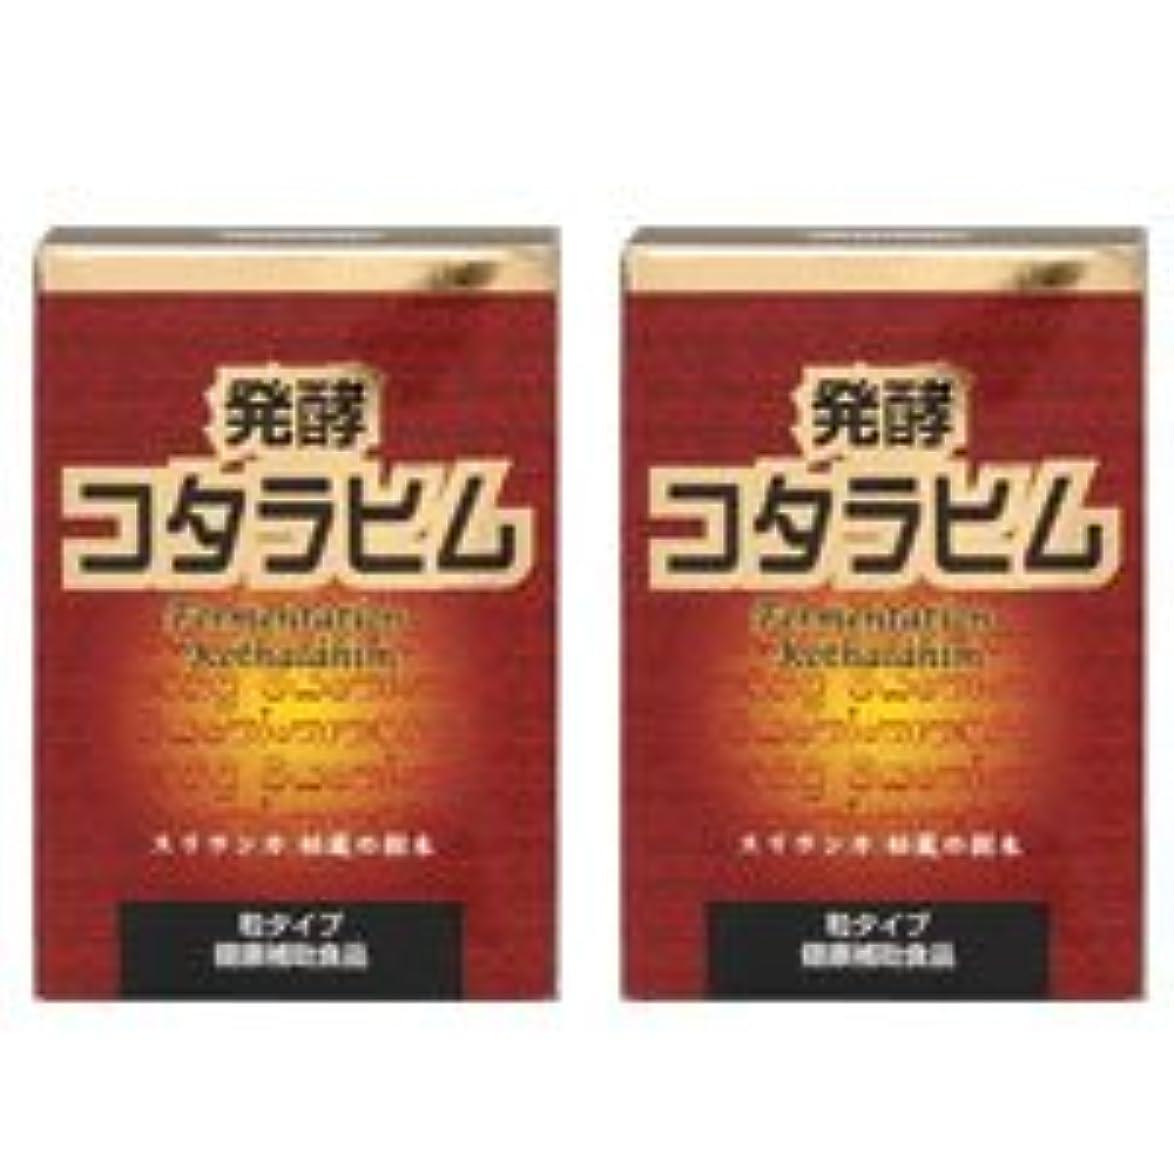 未接続スキージュラシックパーク発酵コタラヒム2個セット【糖を変化させるコタラヒム】